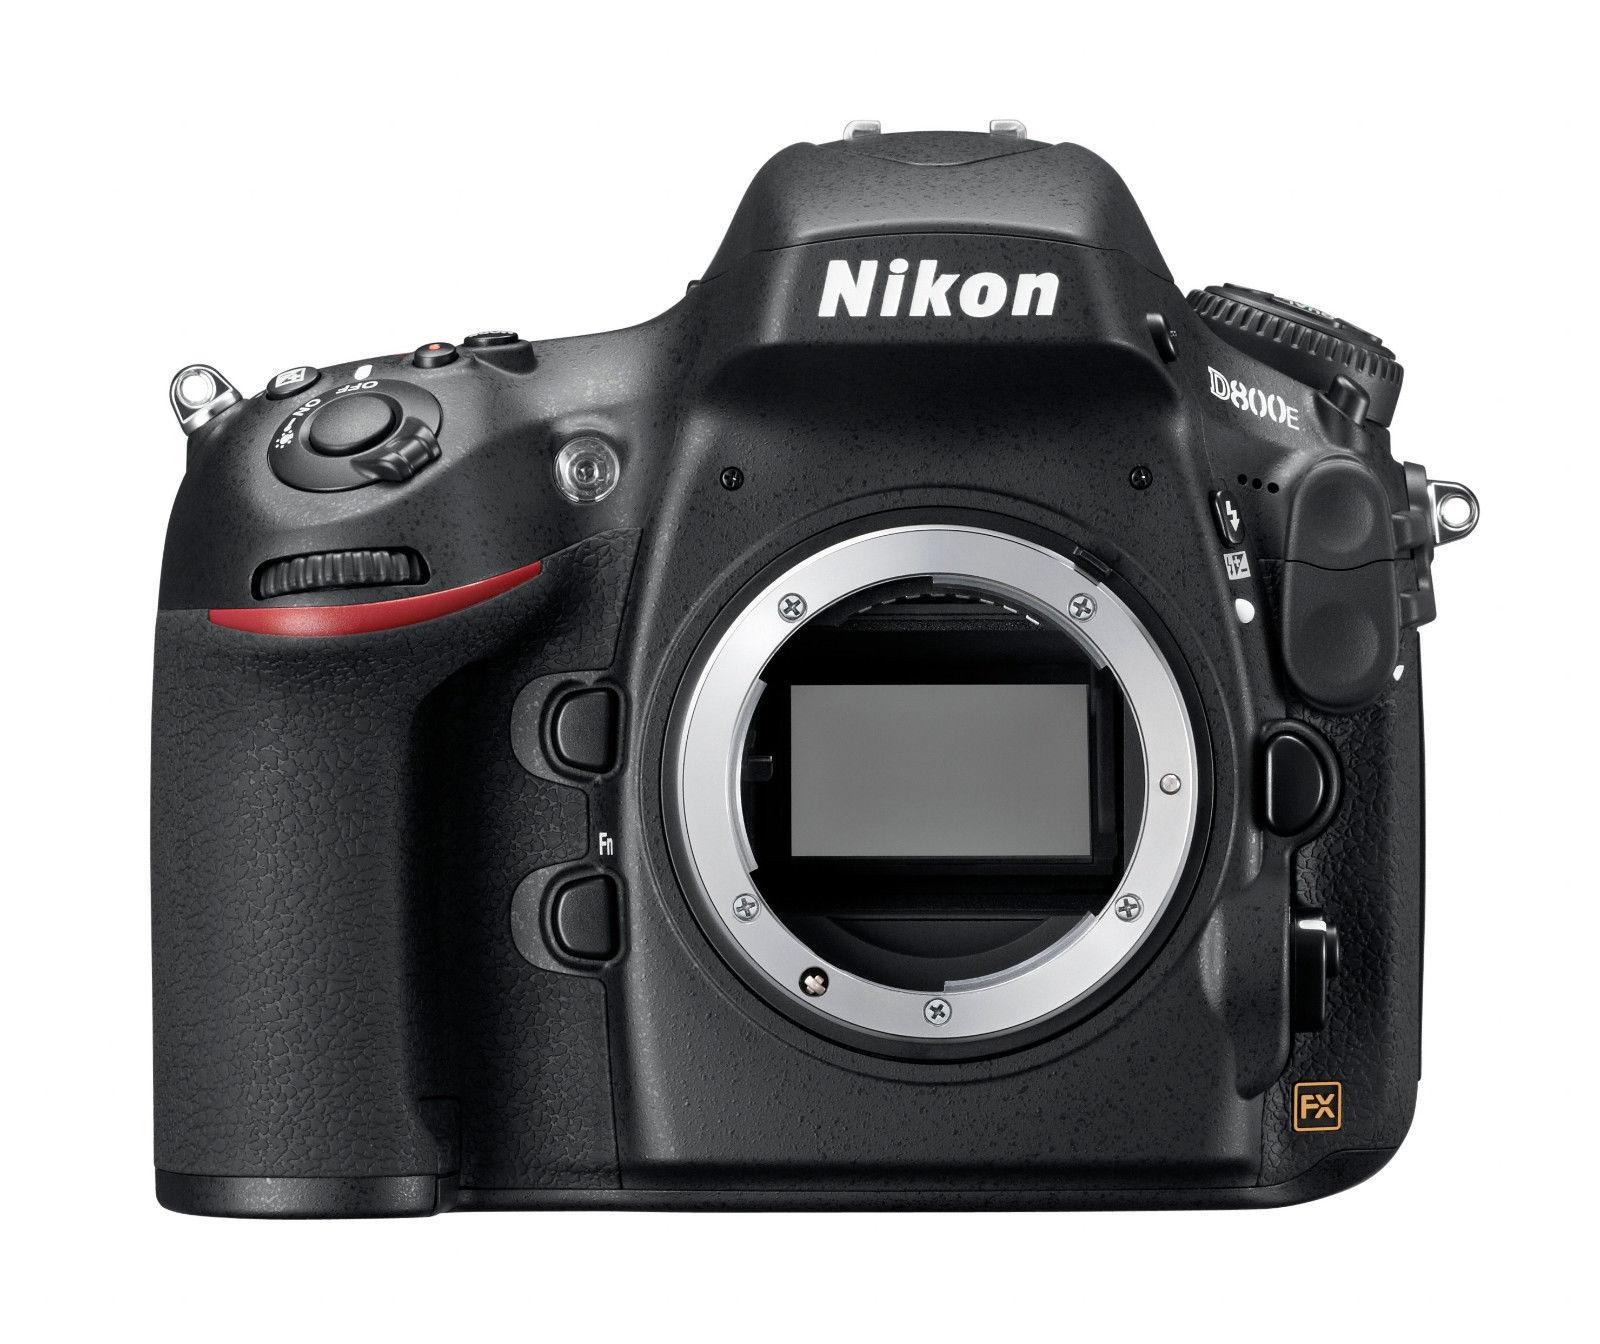 Spiegelreflexkamera Nikon D800 36.3 MP  - Schwarz (Nur Gehäuse), GEBRAUCHTWARE!